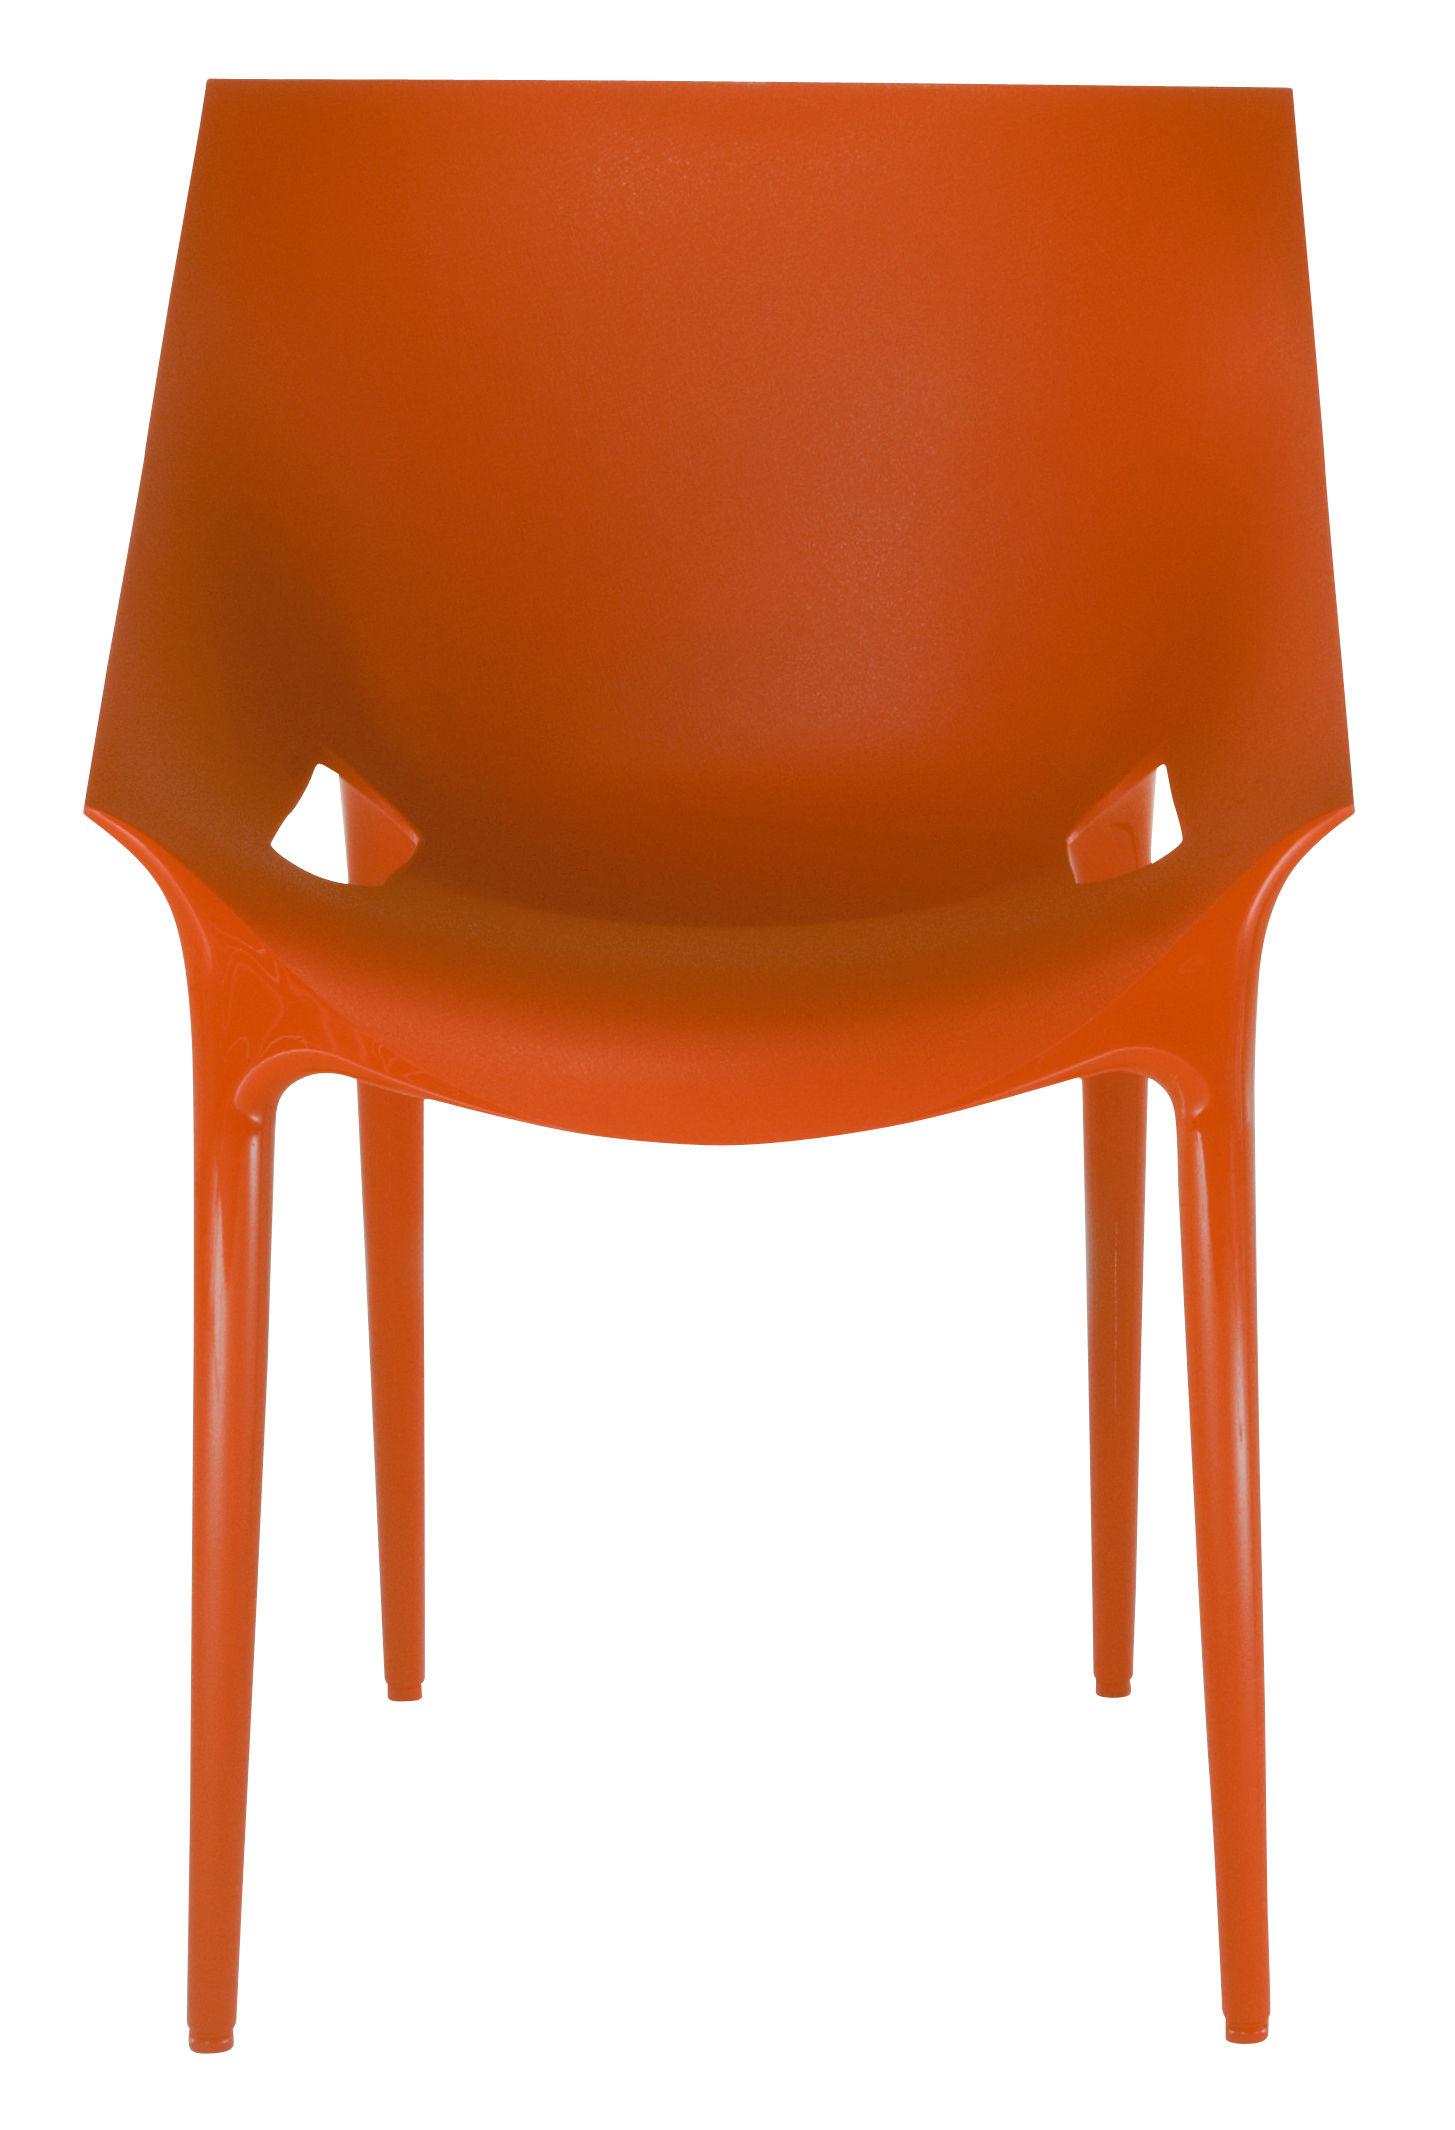 Mobilier - Chaises, fauteuils de salle à manger - Fauteuil empilable Dr. YES / Polypropylène - Kartell - Rouge orangé - Polypropylène